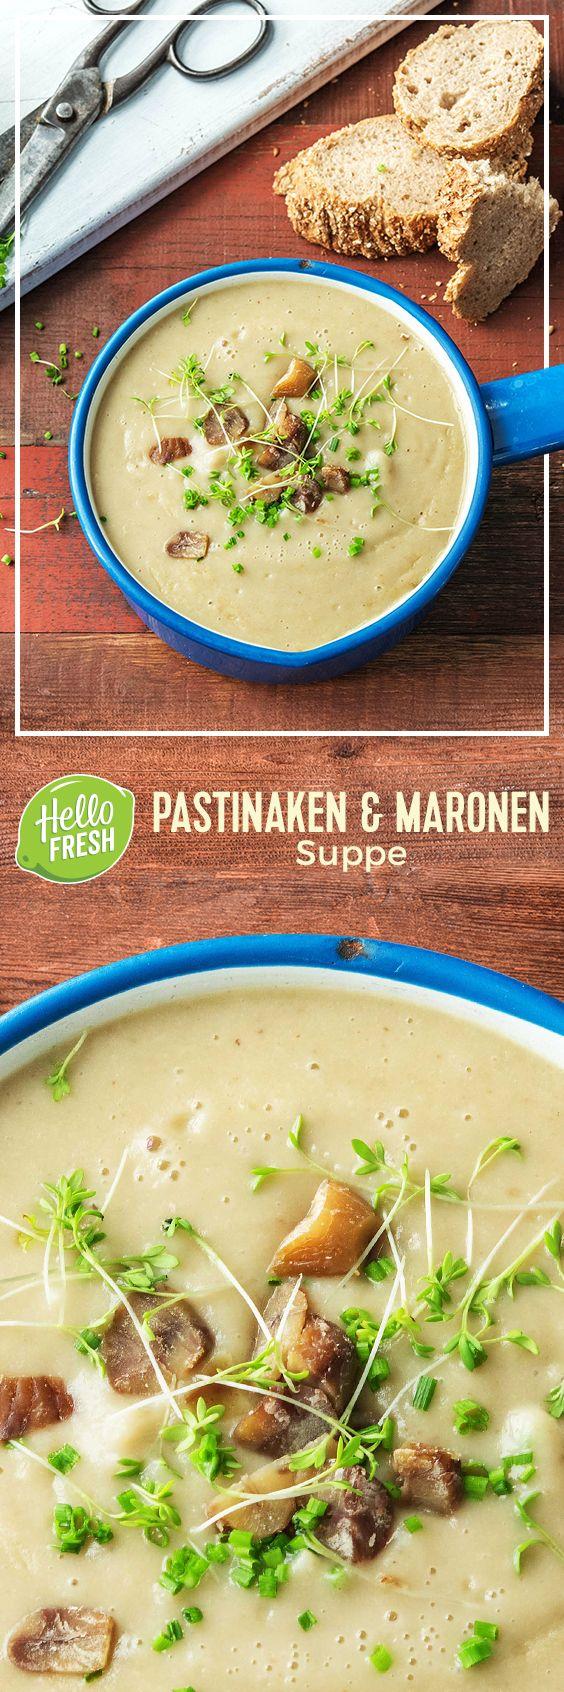 Pastinaken-Maronen-Suppe mit frischen Kräutern und knusprigem Baguette.  Vegetarisch // Schnell // Gesund